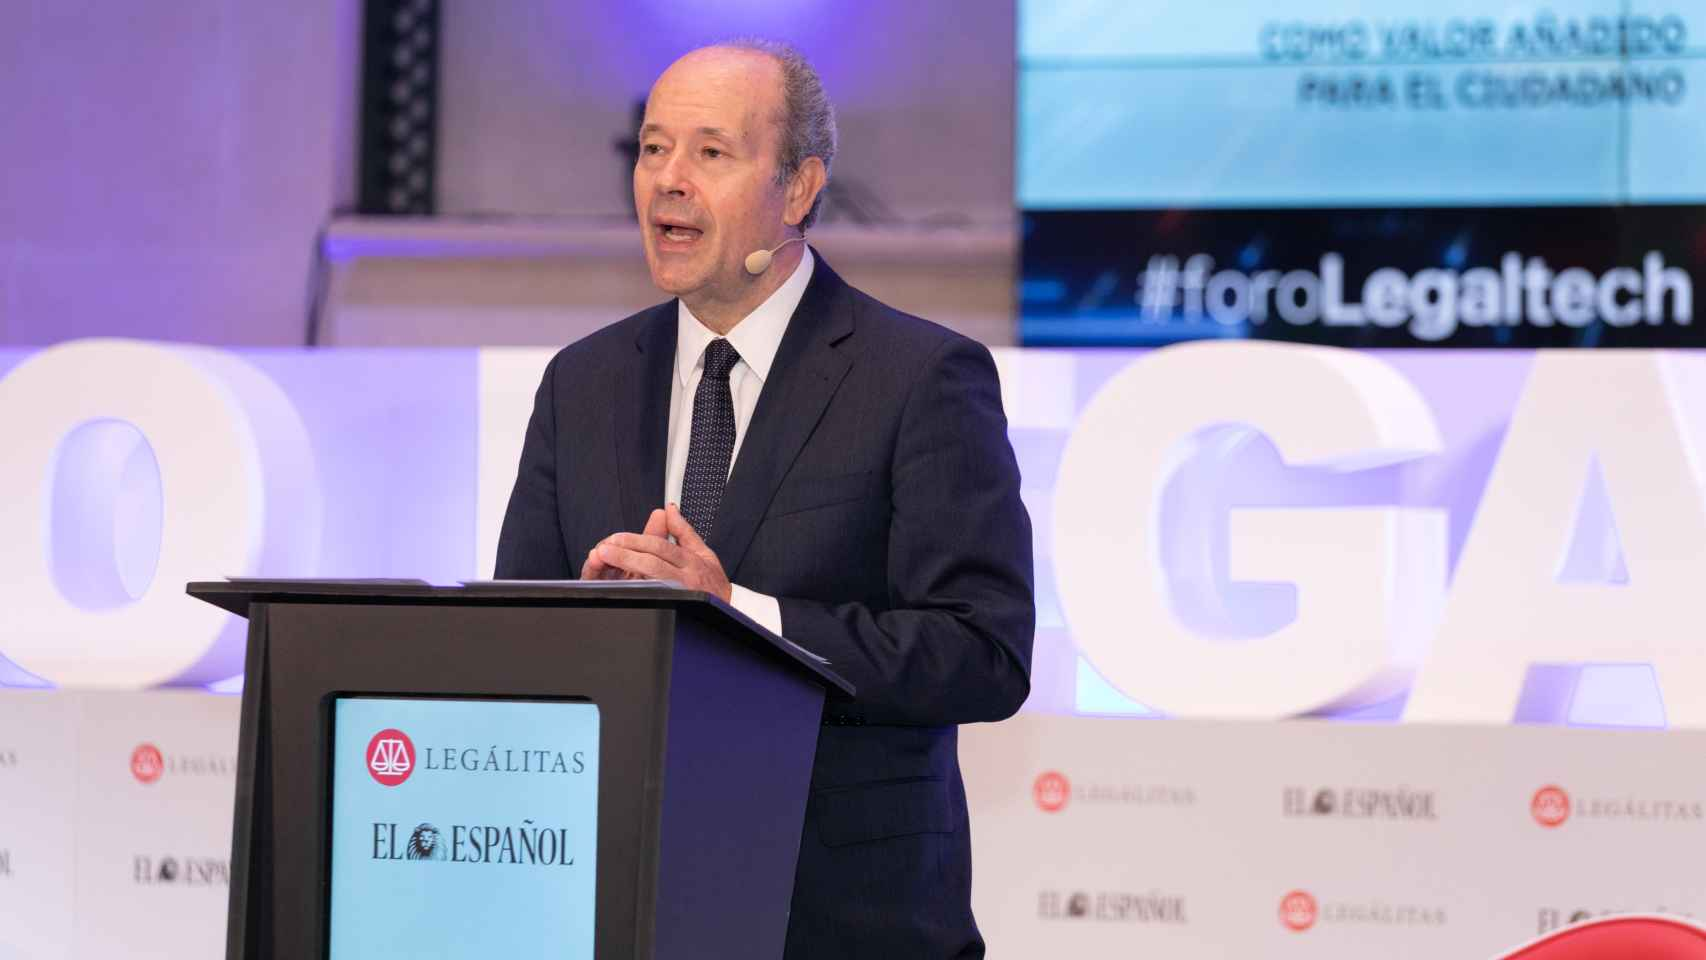 El ministro de Justicia, Juan Carlos Campo, en el Foro Legaltech de Invertia - EL ESPAÑOL